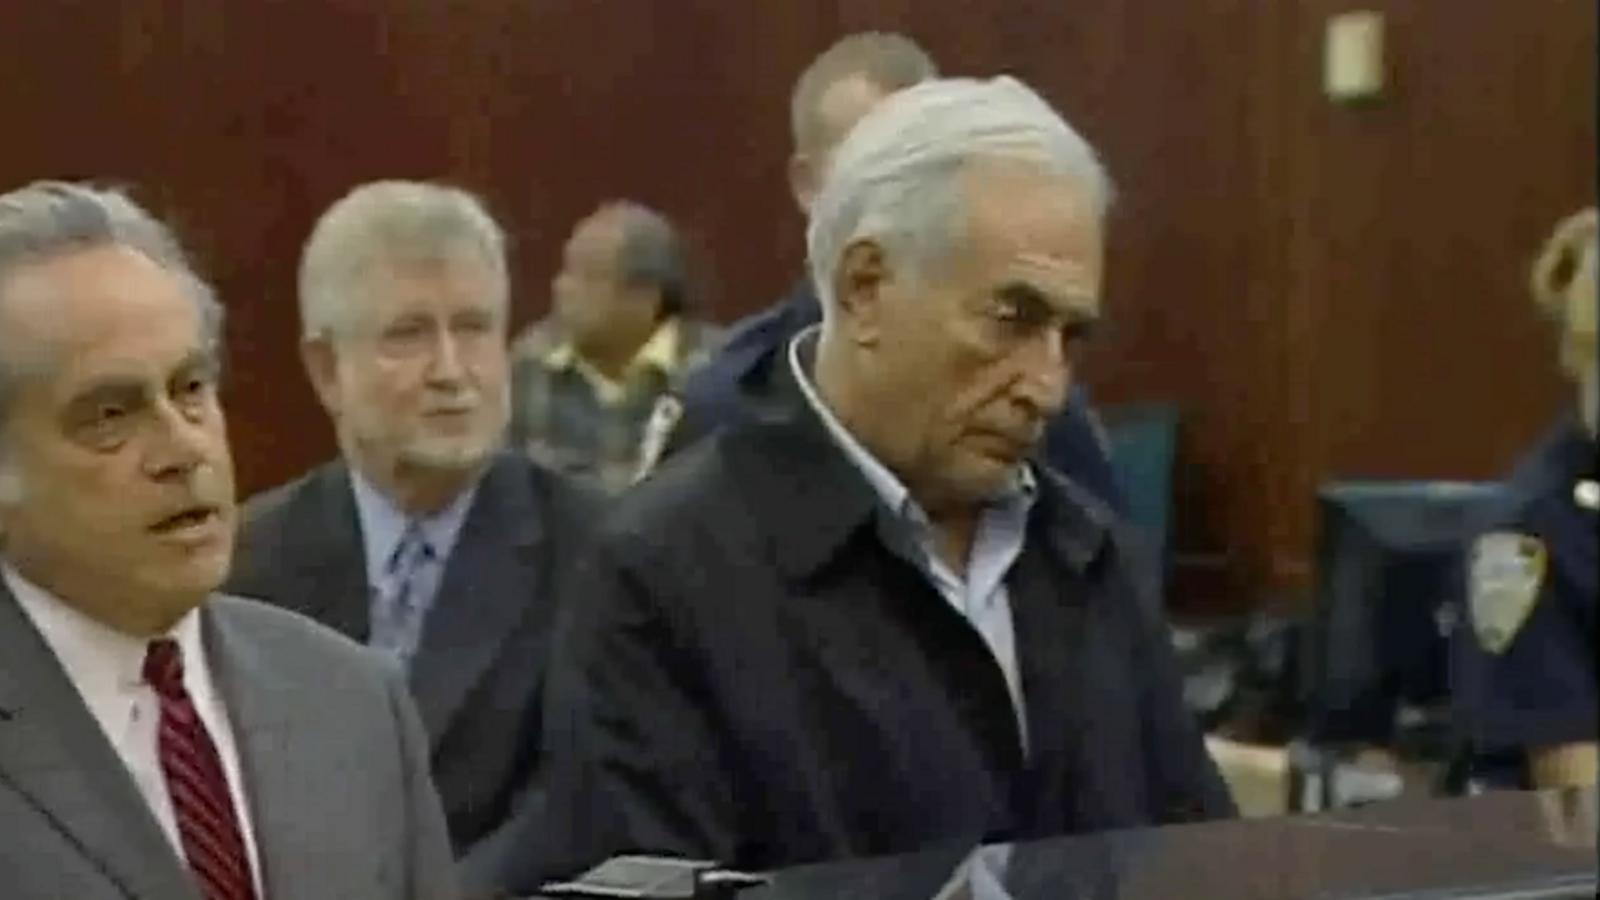 La jutge anuncia a Strauss-Khan que l'envia a la presó